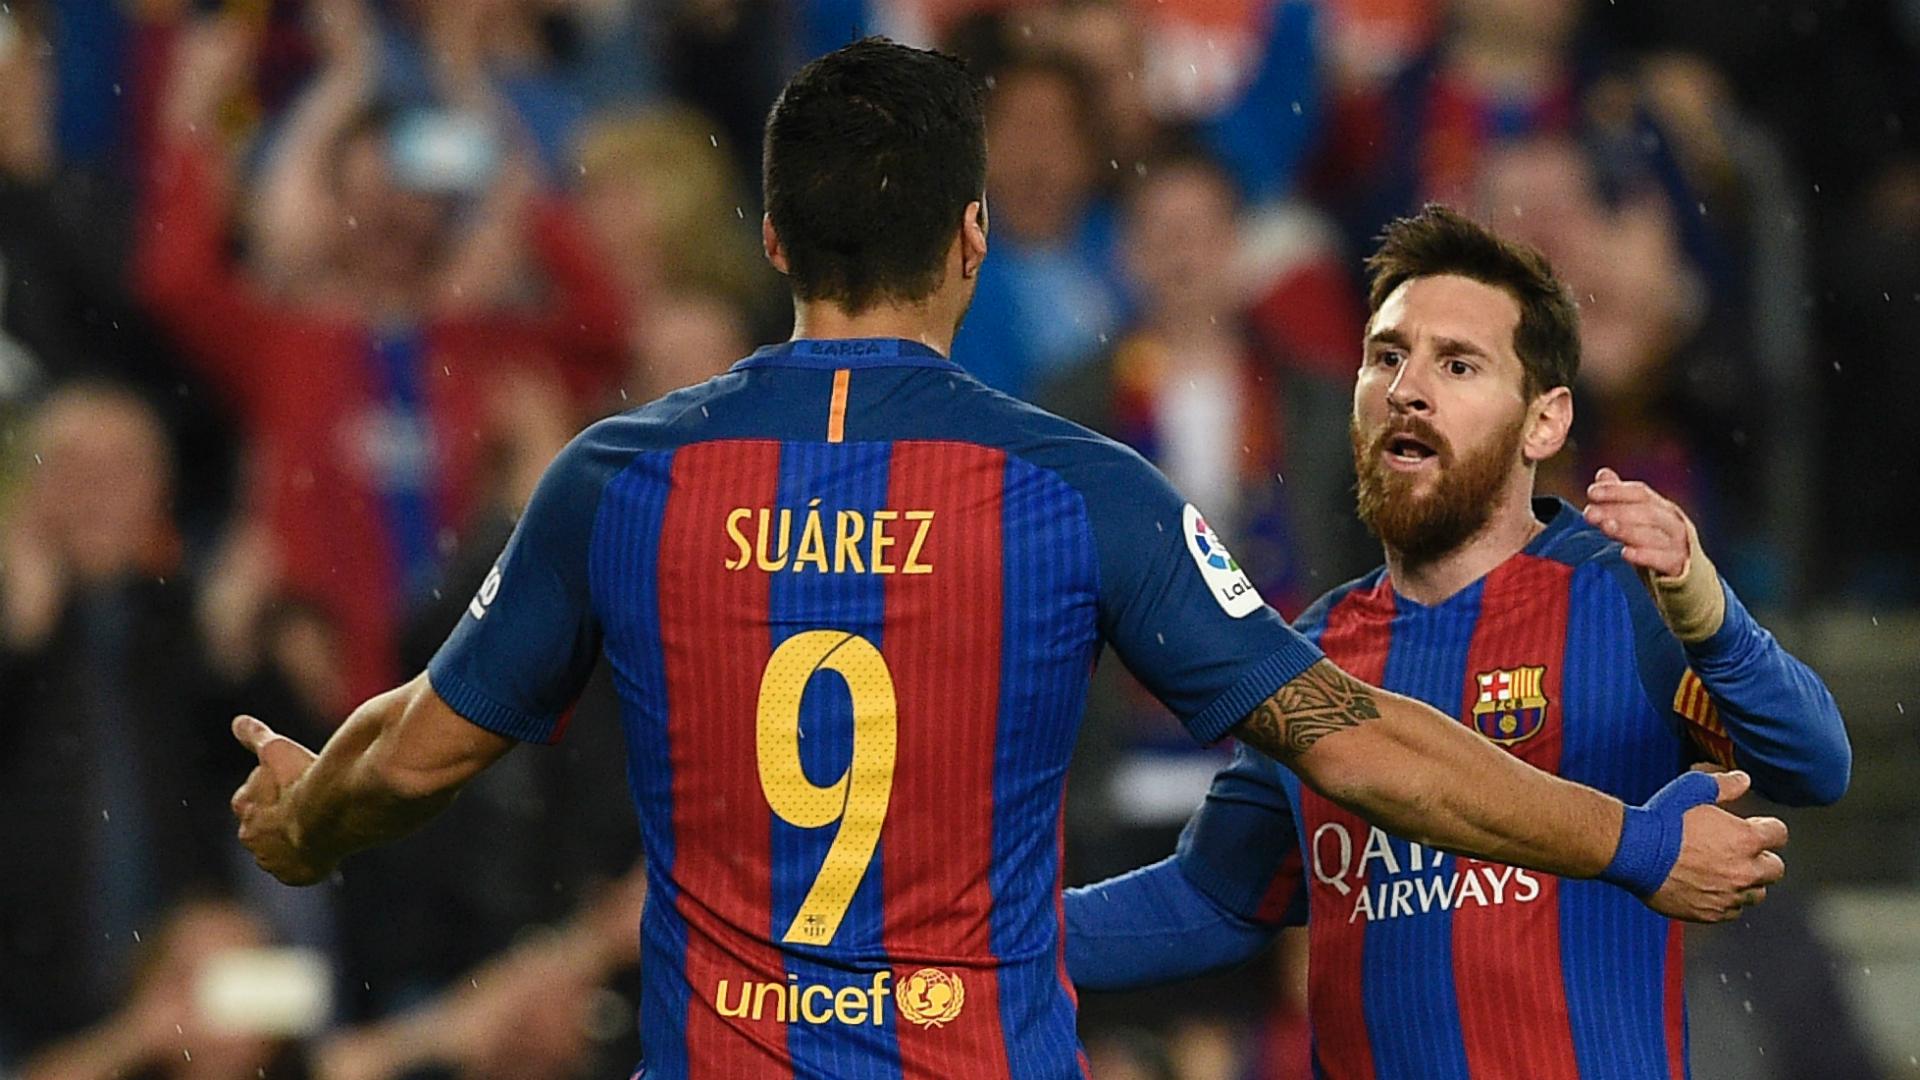 El camino restante de Barcelona y Real Madrid para ganar La Liga